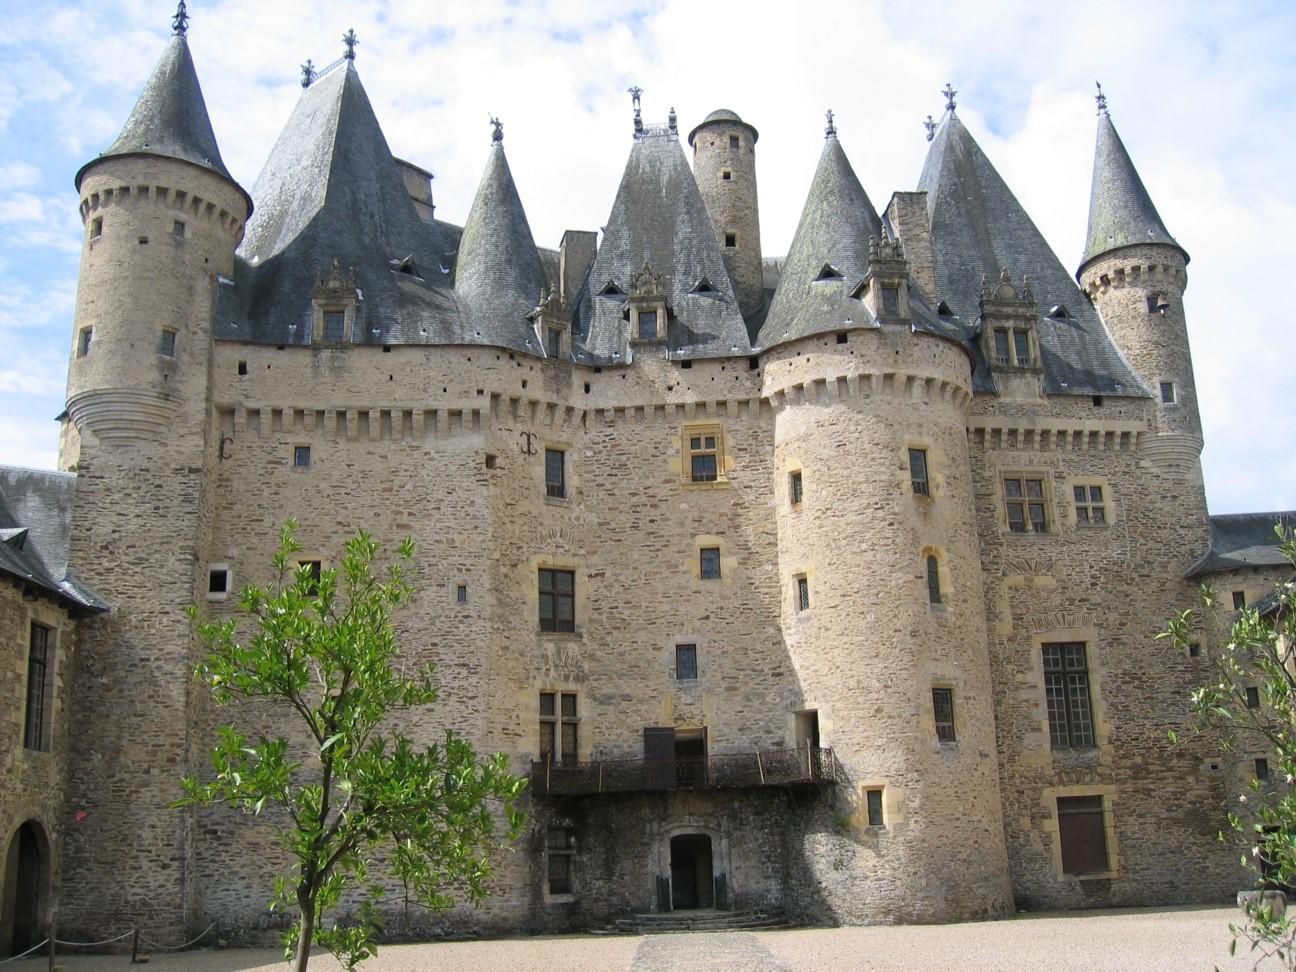 Das Château de Jumilhac im grünen Perigord, die Sehenswürdigkeit ist offen für Besucher